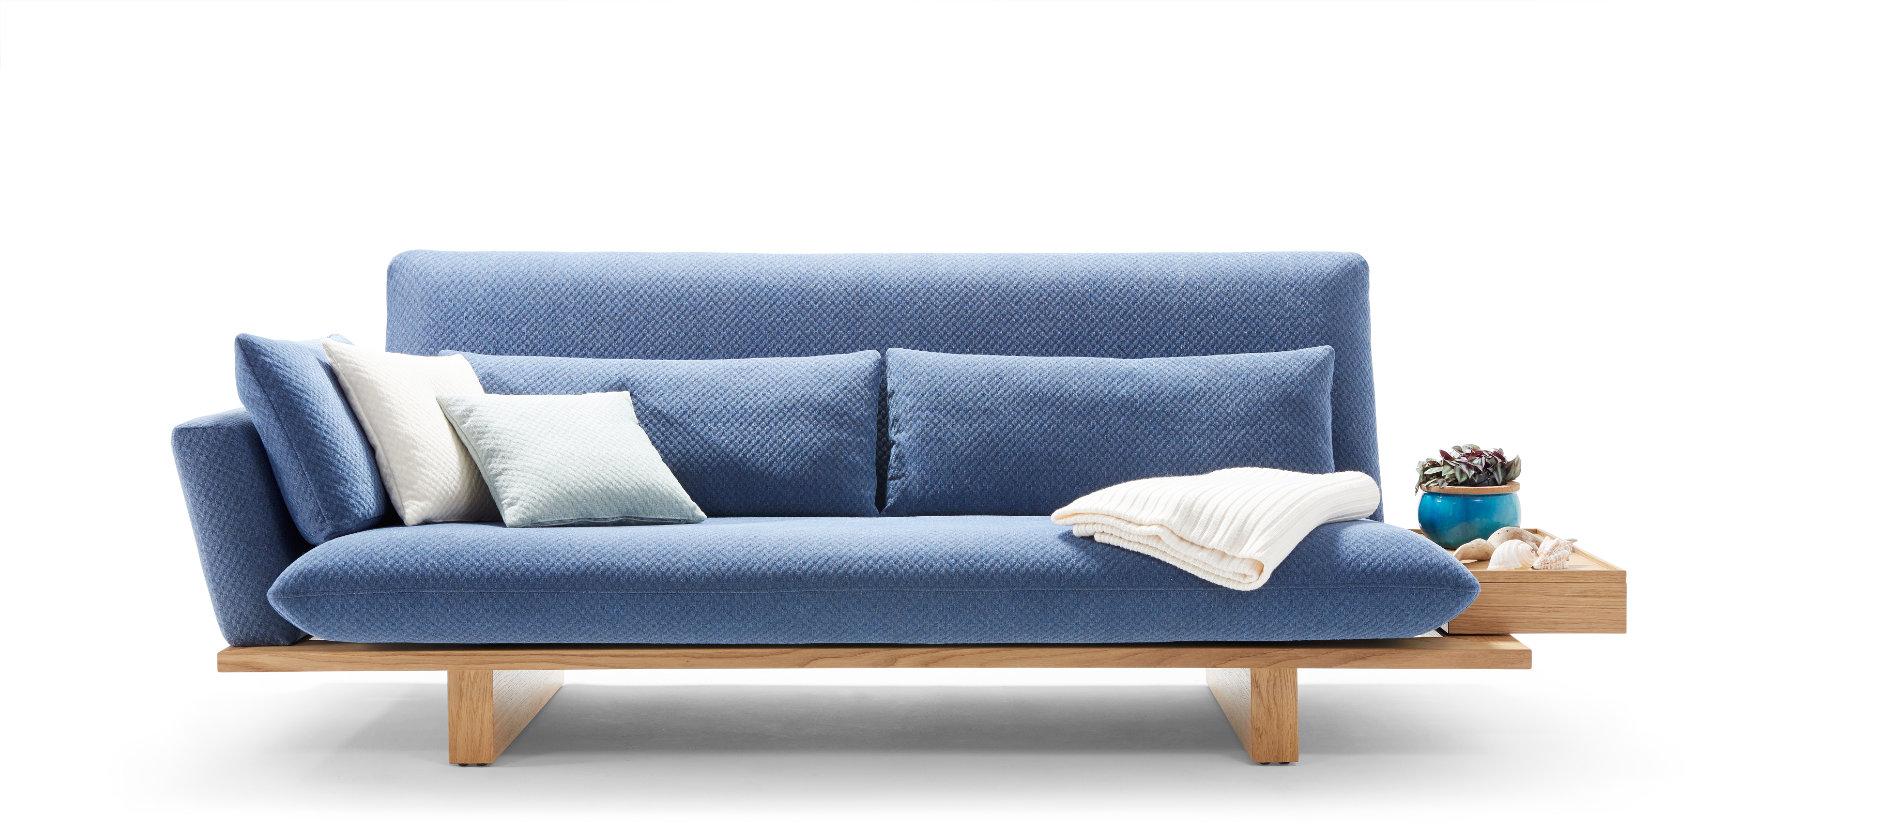 hochwertige schlafsofas mit bettkasten best schlafsofa design tolle schlafsofa mit bettkasten. Black Bedroom Furniture Sets. Home Design Ideas